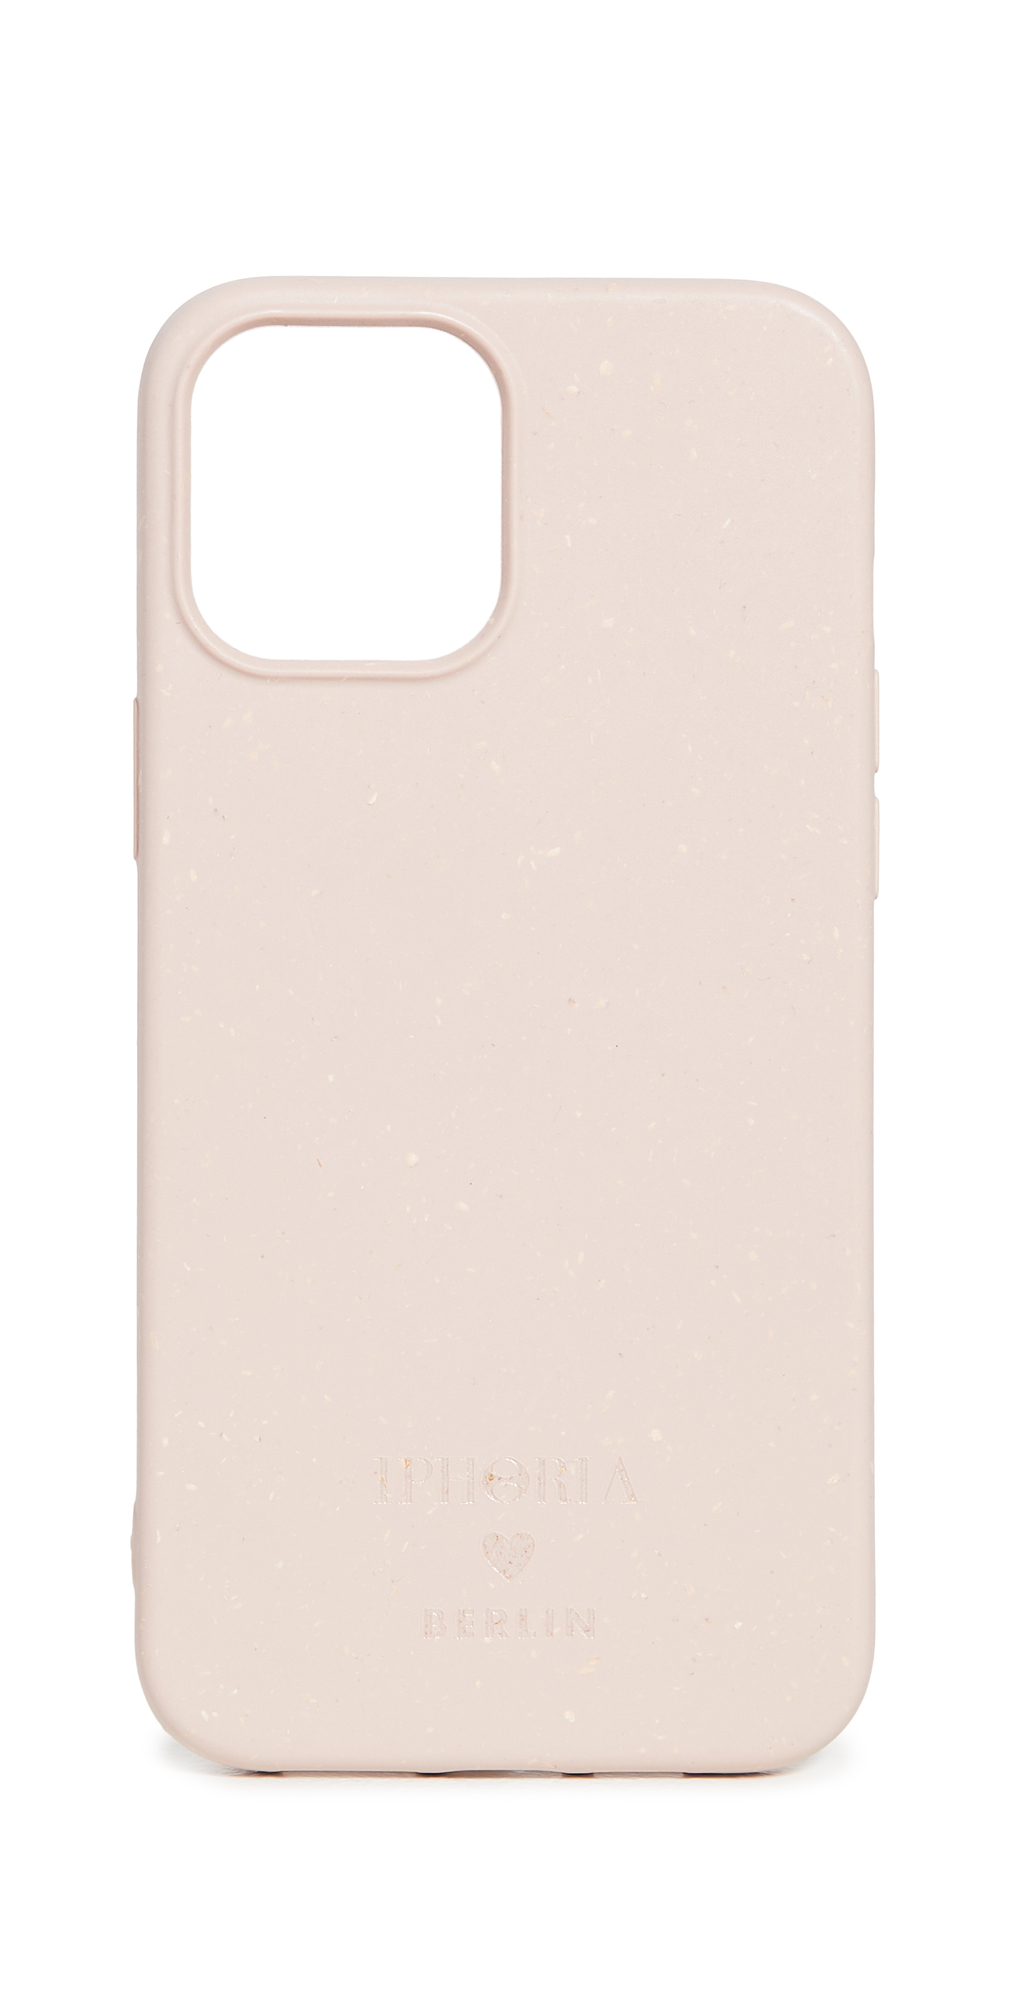 BIO iPhone 12 Pro Max Case